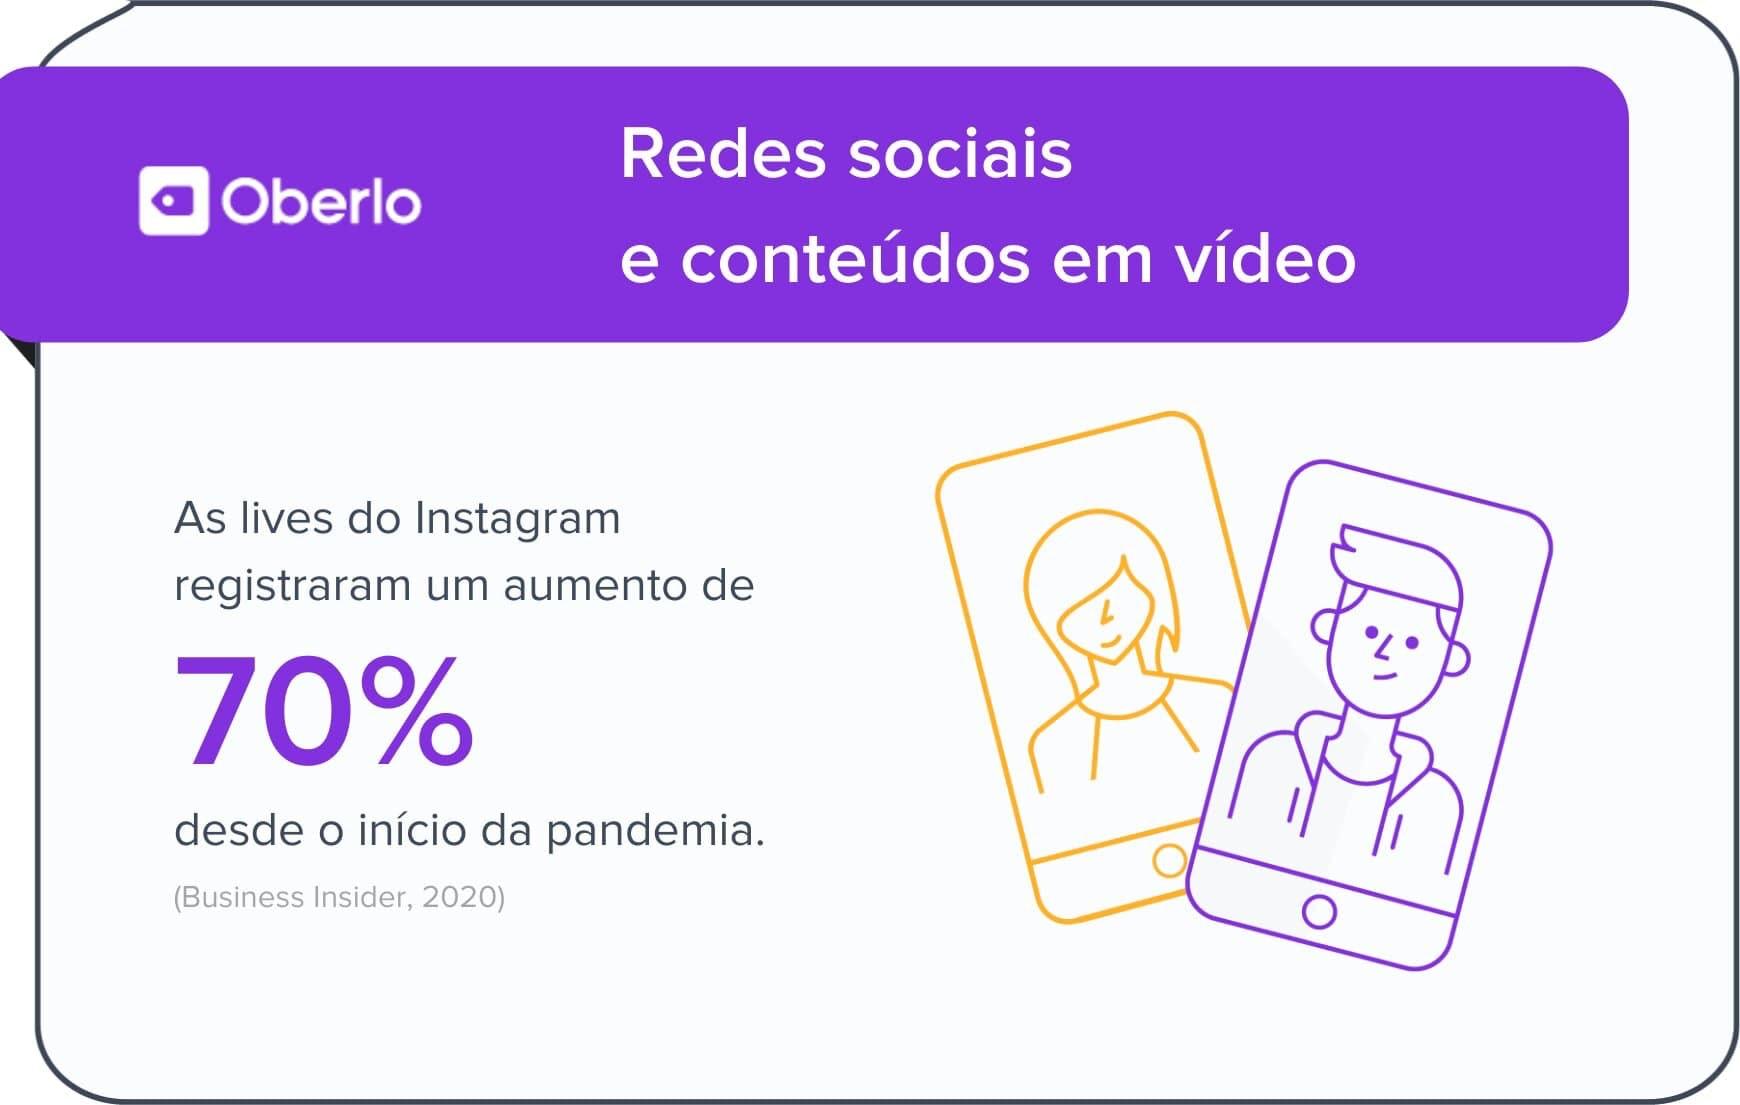 Redes sociais e conteúdos em vídeo: lives e Stories do Instagram